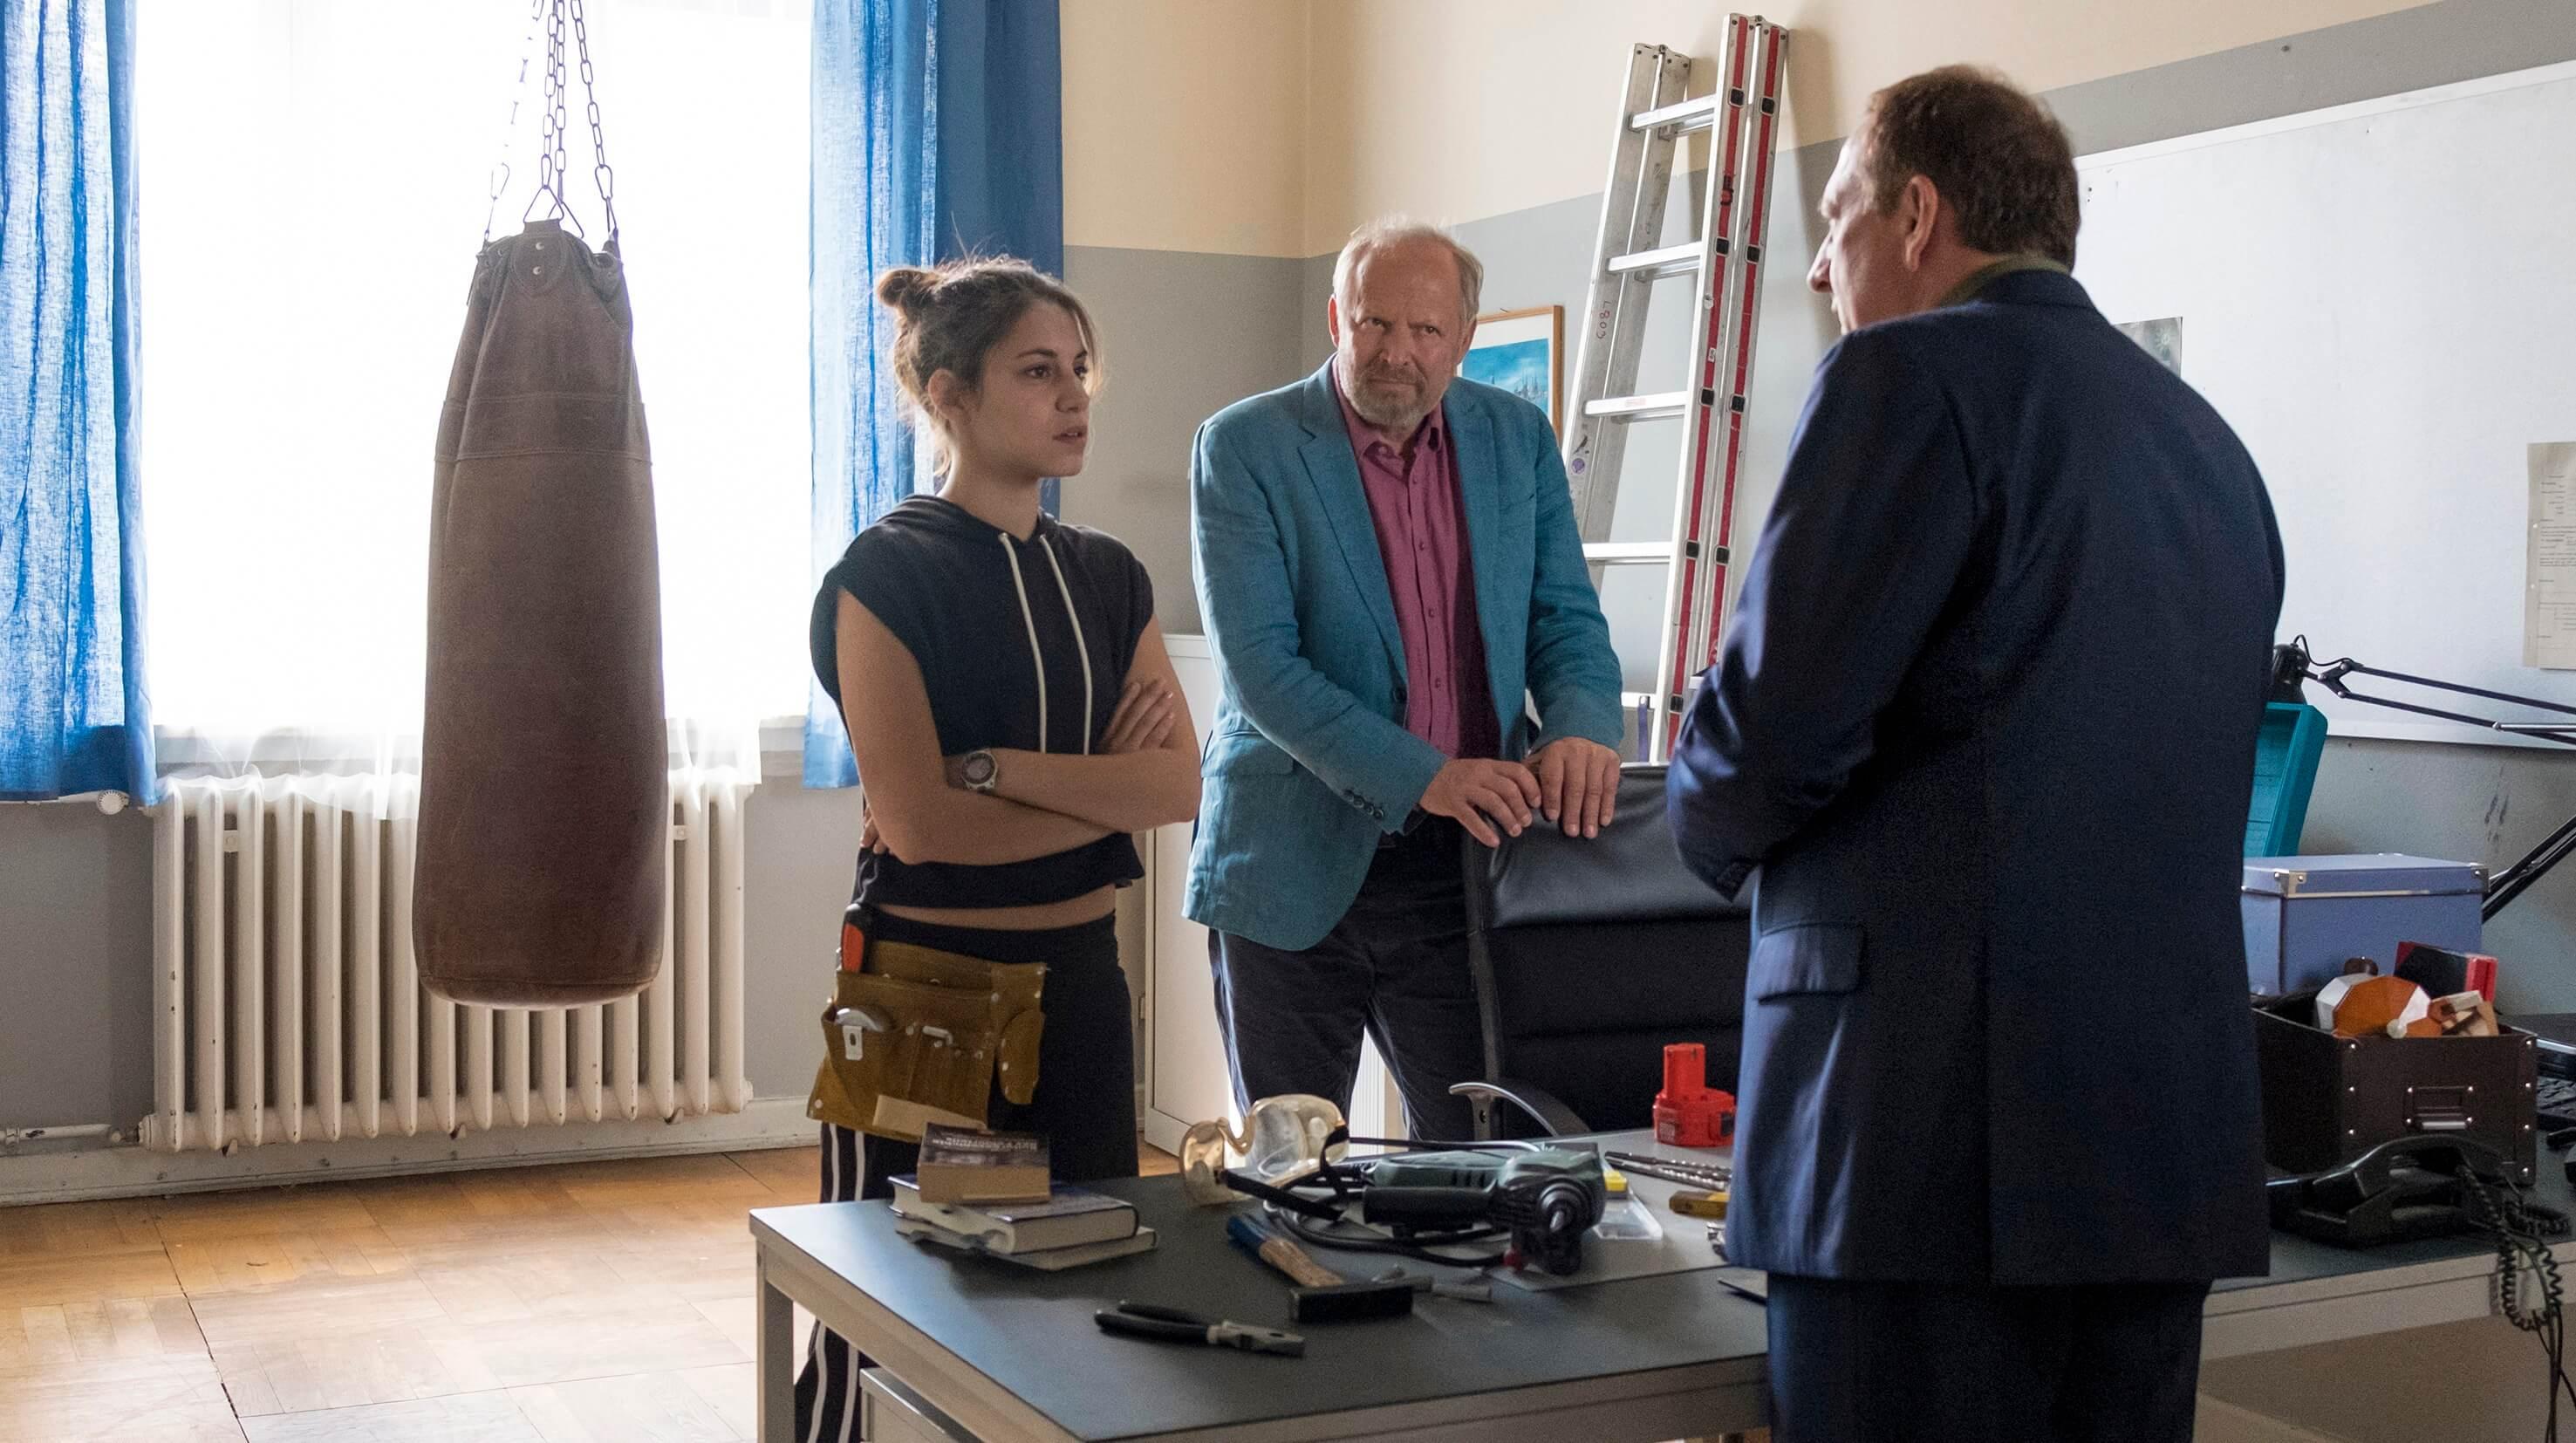 Tatort Folge 1065 Borowski Und Das Haus Der Geister Tatort Fans